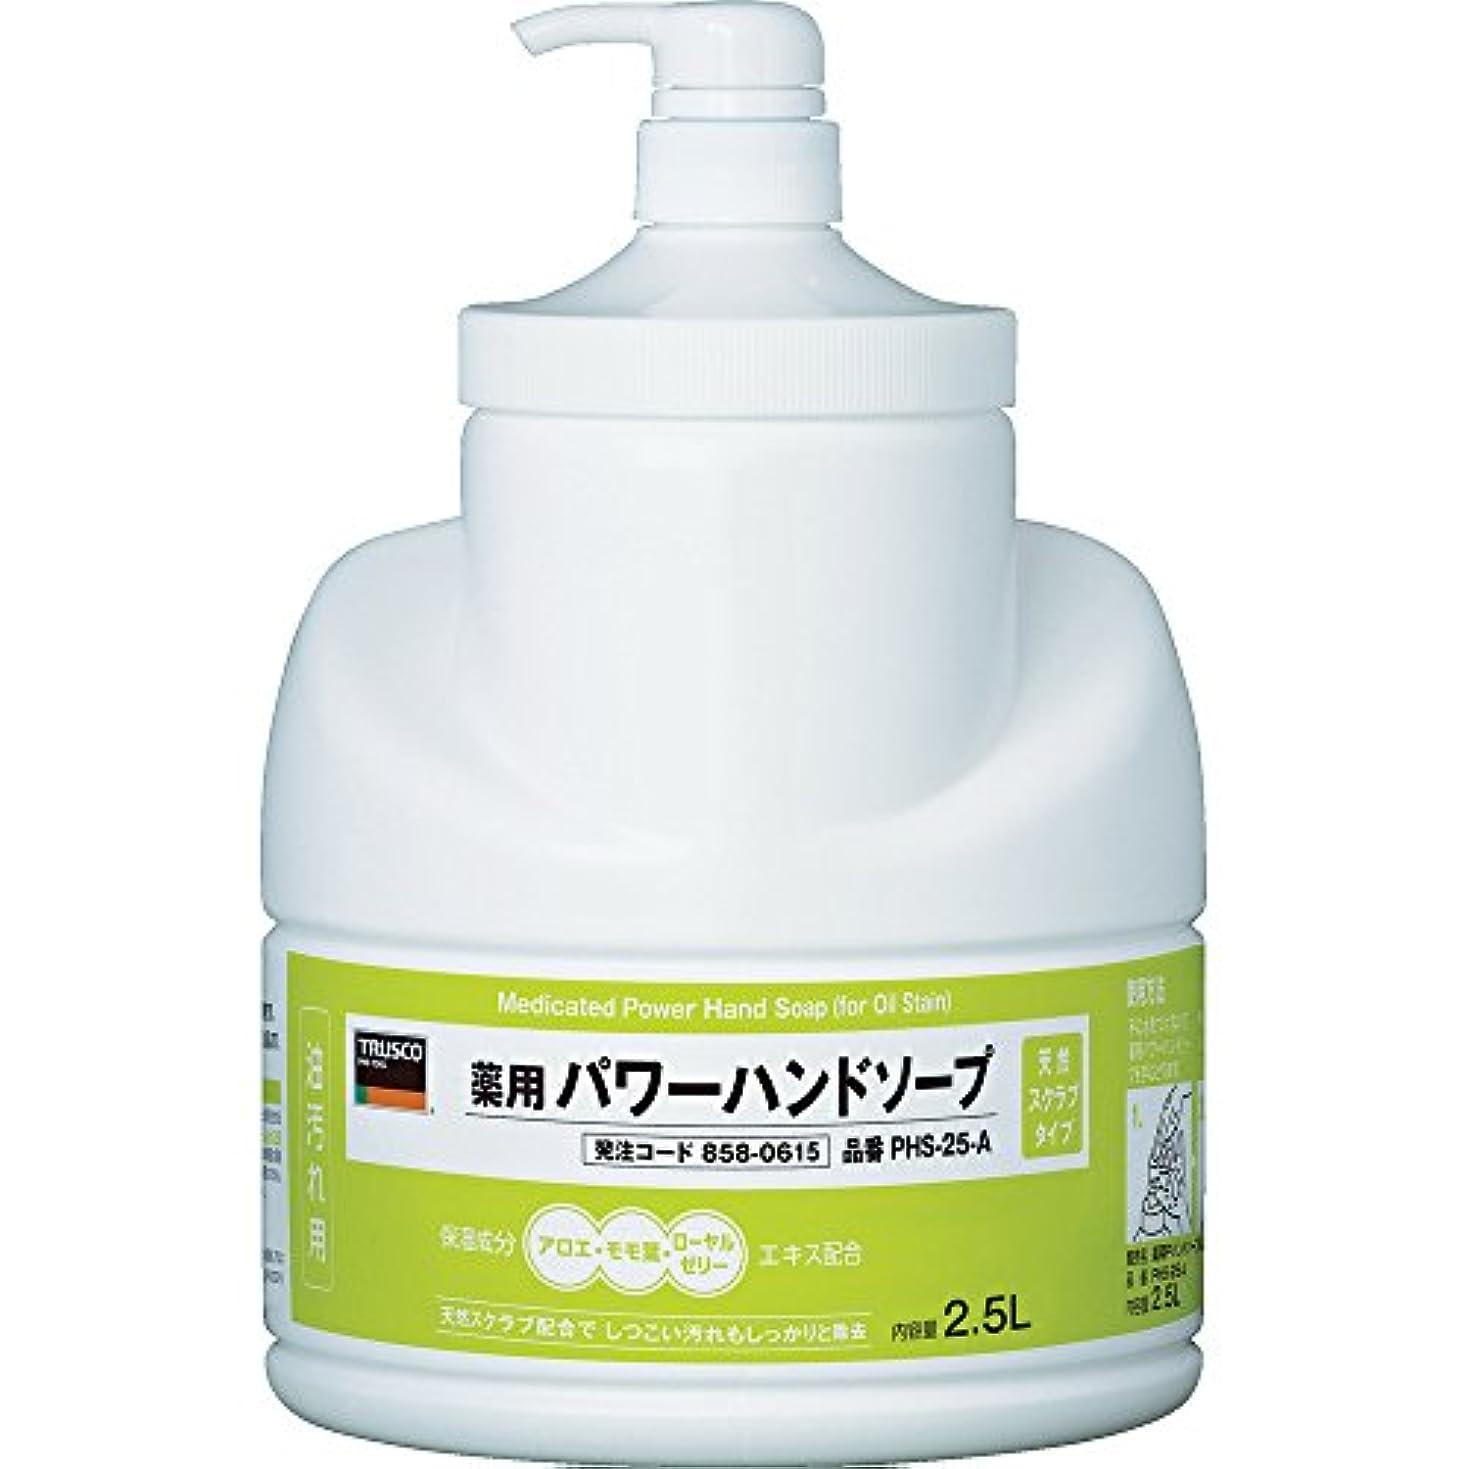 間に合わせ完璧なオーバードローTRUSCO(トラスコ) 薬用パワーハンドソープポンプボトル 2.5L PHS-25-A